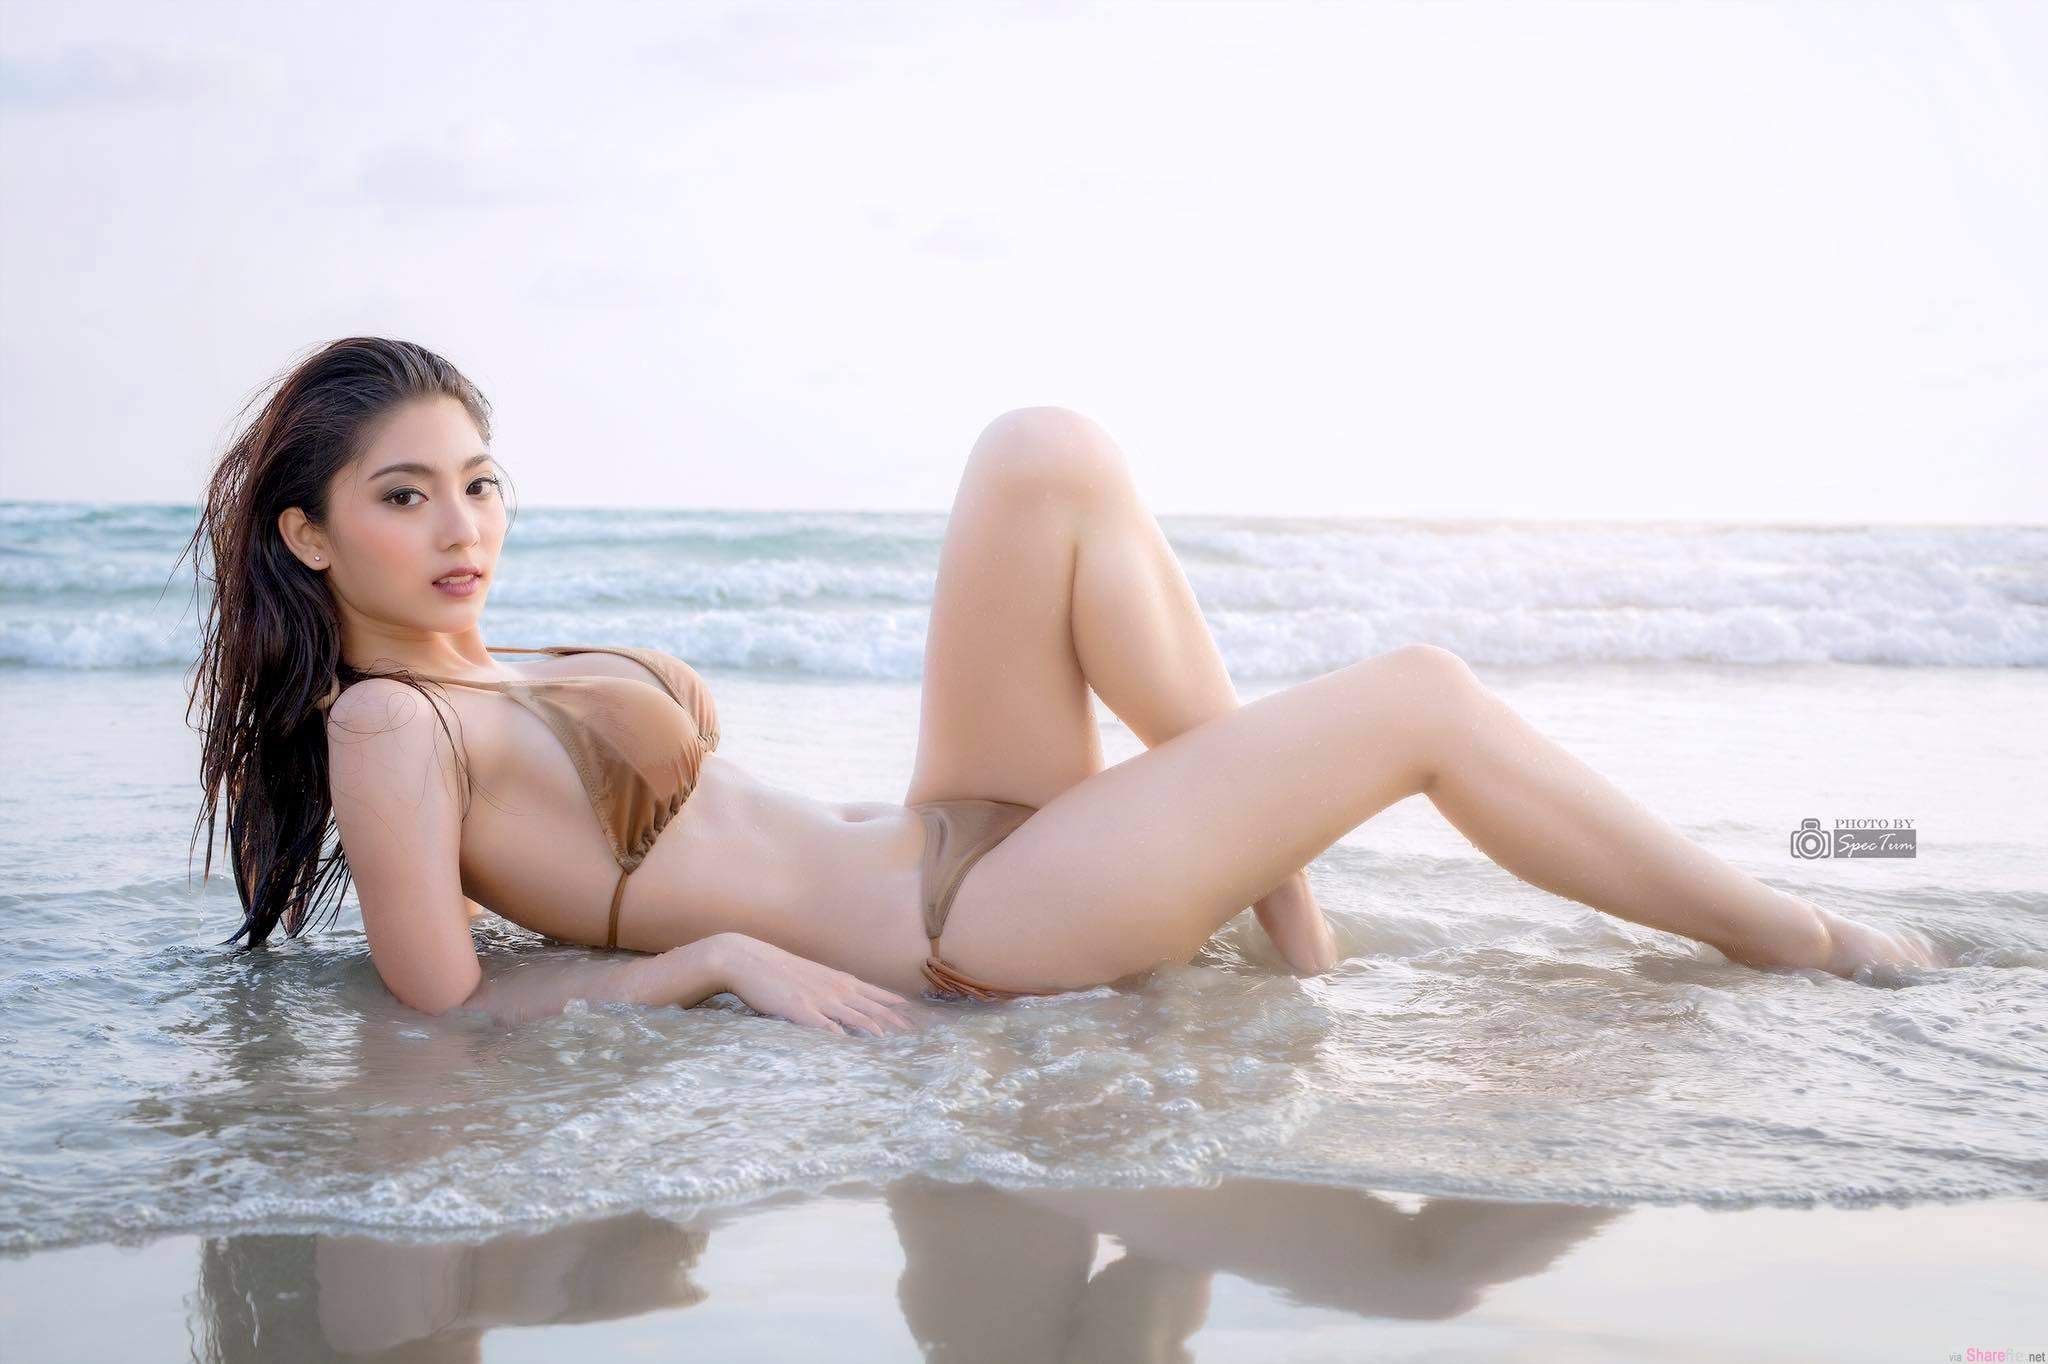 泰国正妹Kamonwan Sangchom最强消暑沙滩美照,看完整个彻底冰凉